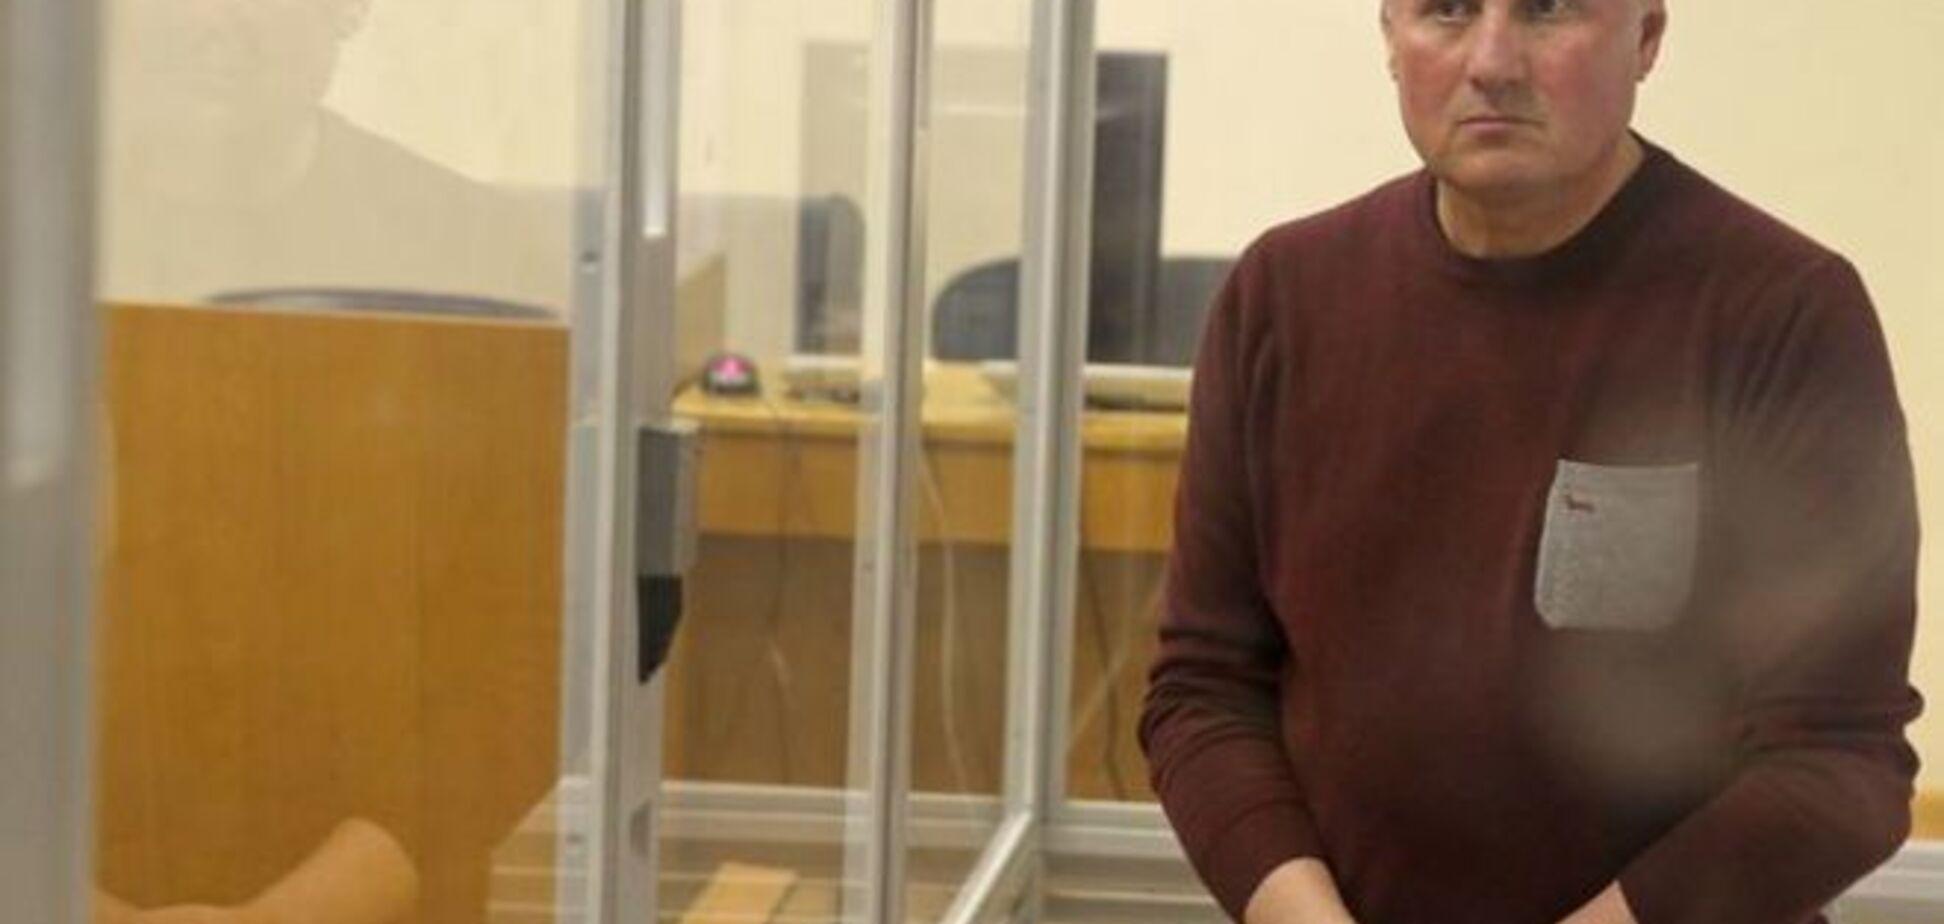 Доказательств для ареста Ефремова достаточно - генпрокурор